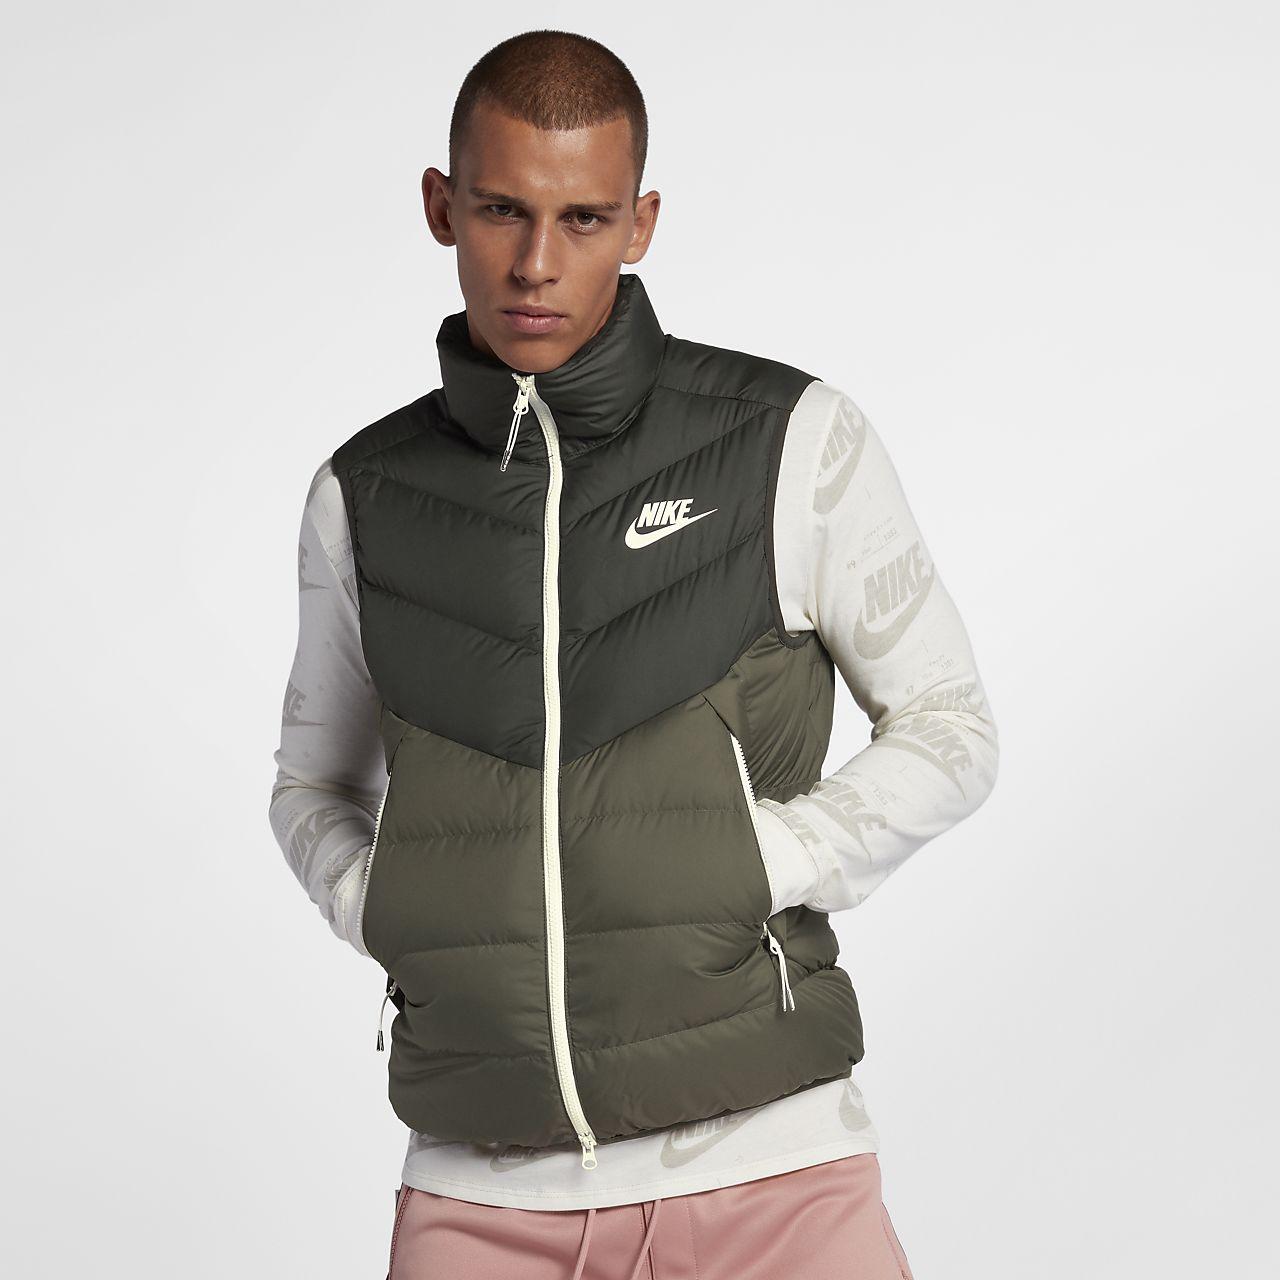 6138578a9c7f6 Smanicato in piumino Nike Sportswear Windrunner Down Fill - Uomo ...